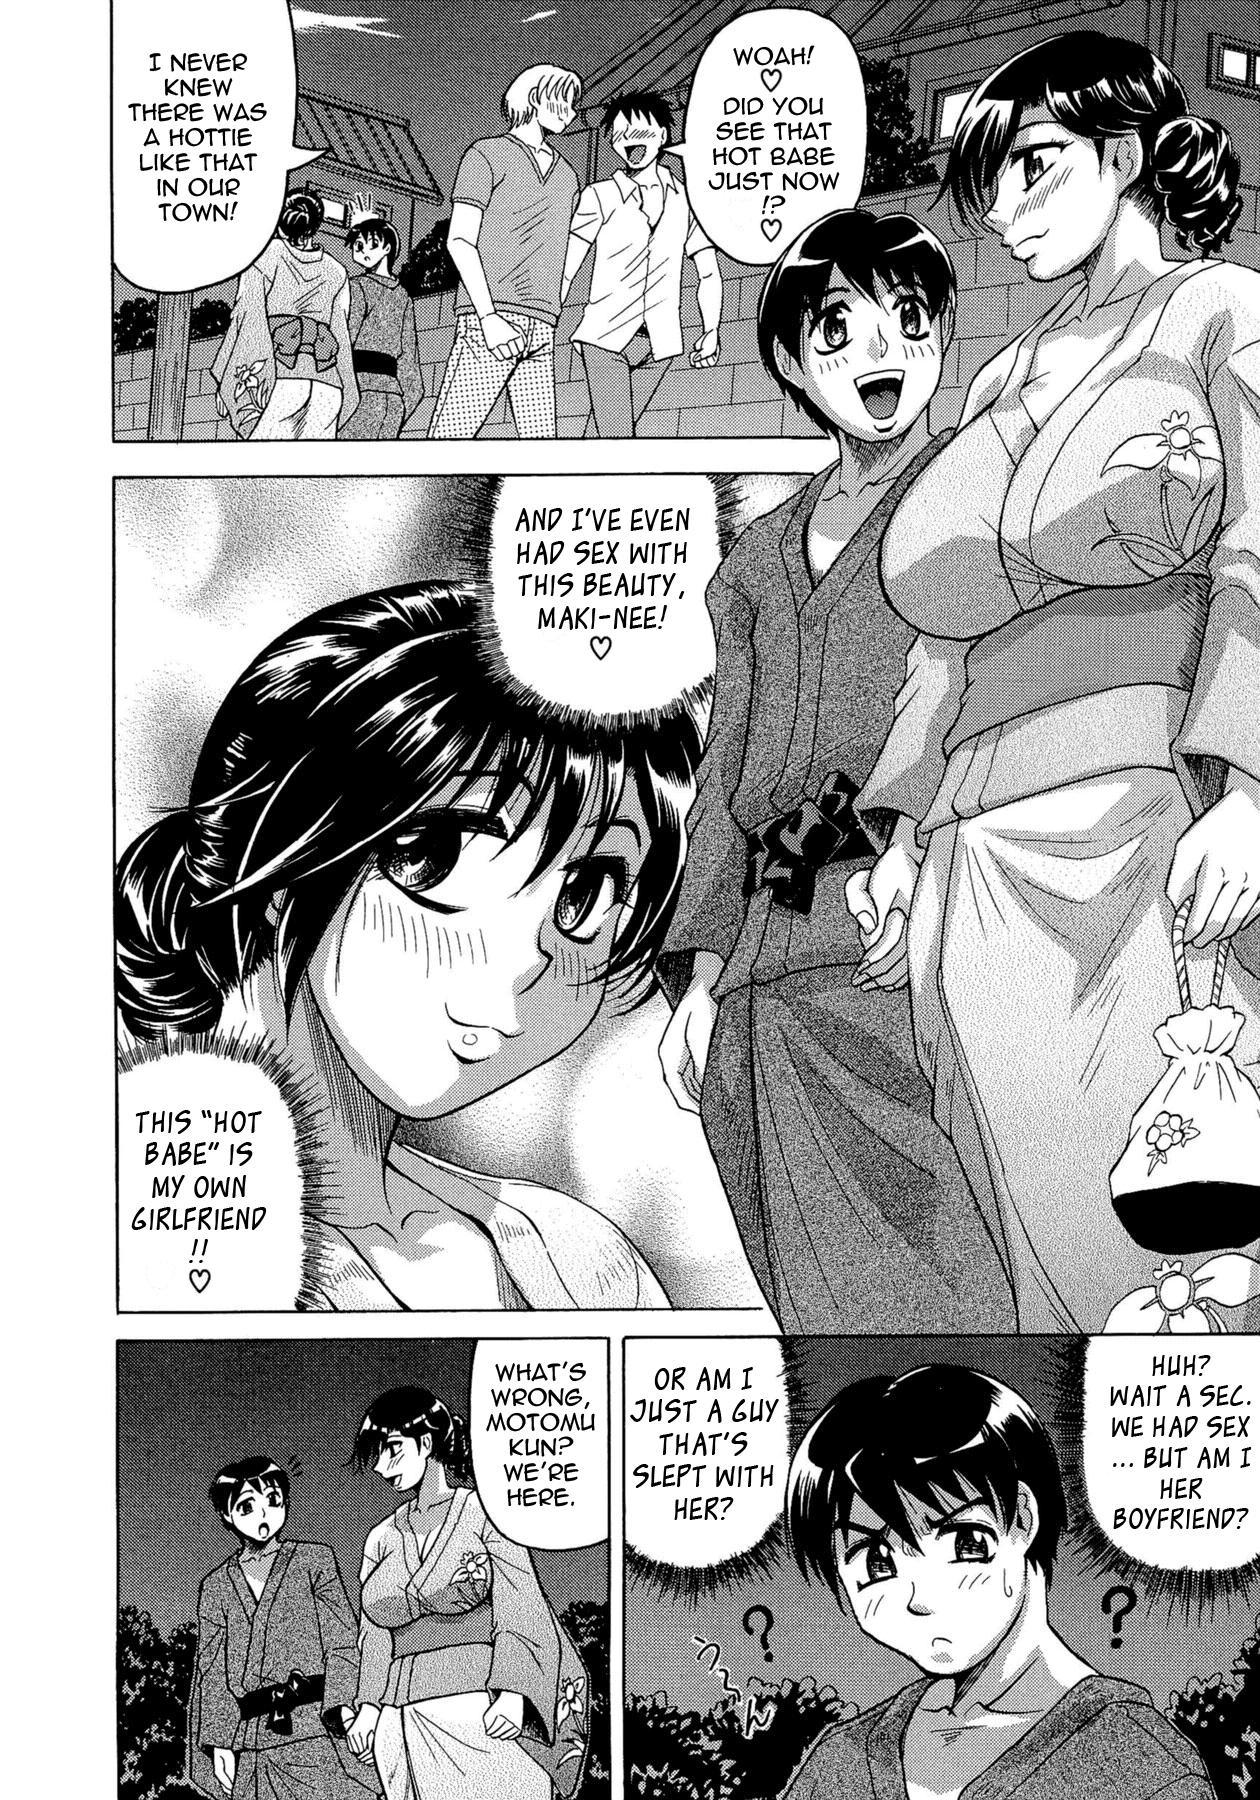 [Jamming] Koibito ha Tonari no Oneesan (Hatsujyouki) | My Lover is the Girl Next Door [English] {Tadanohito} 43